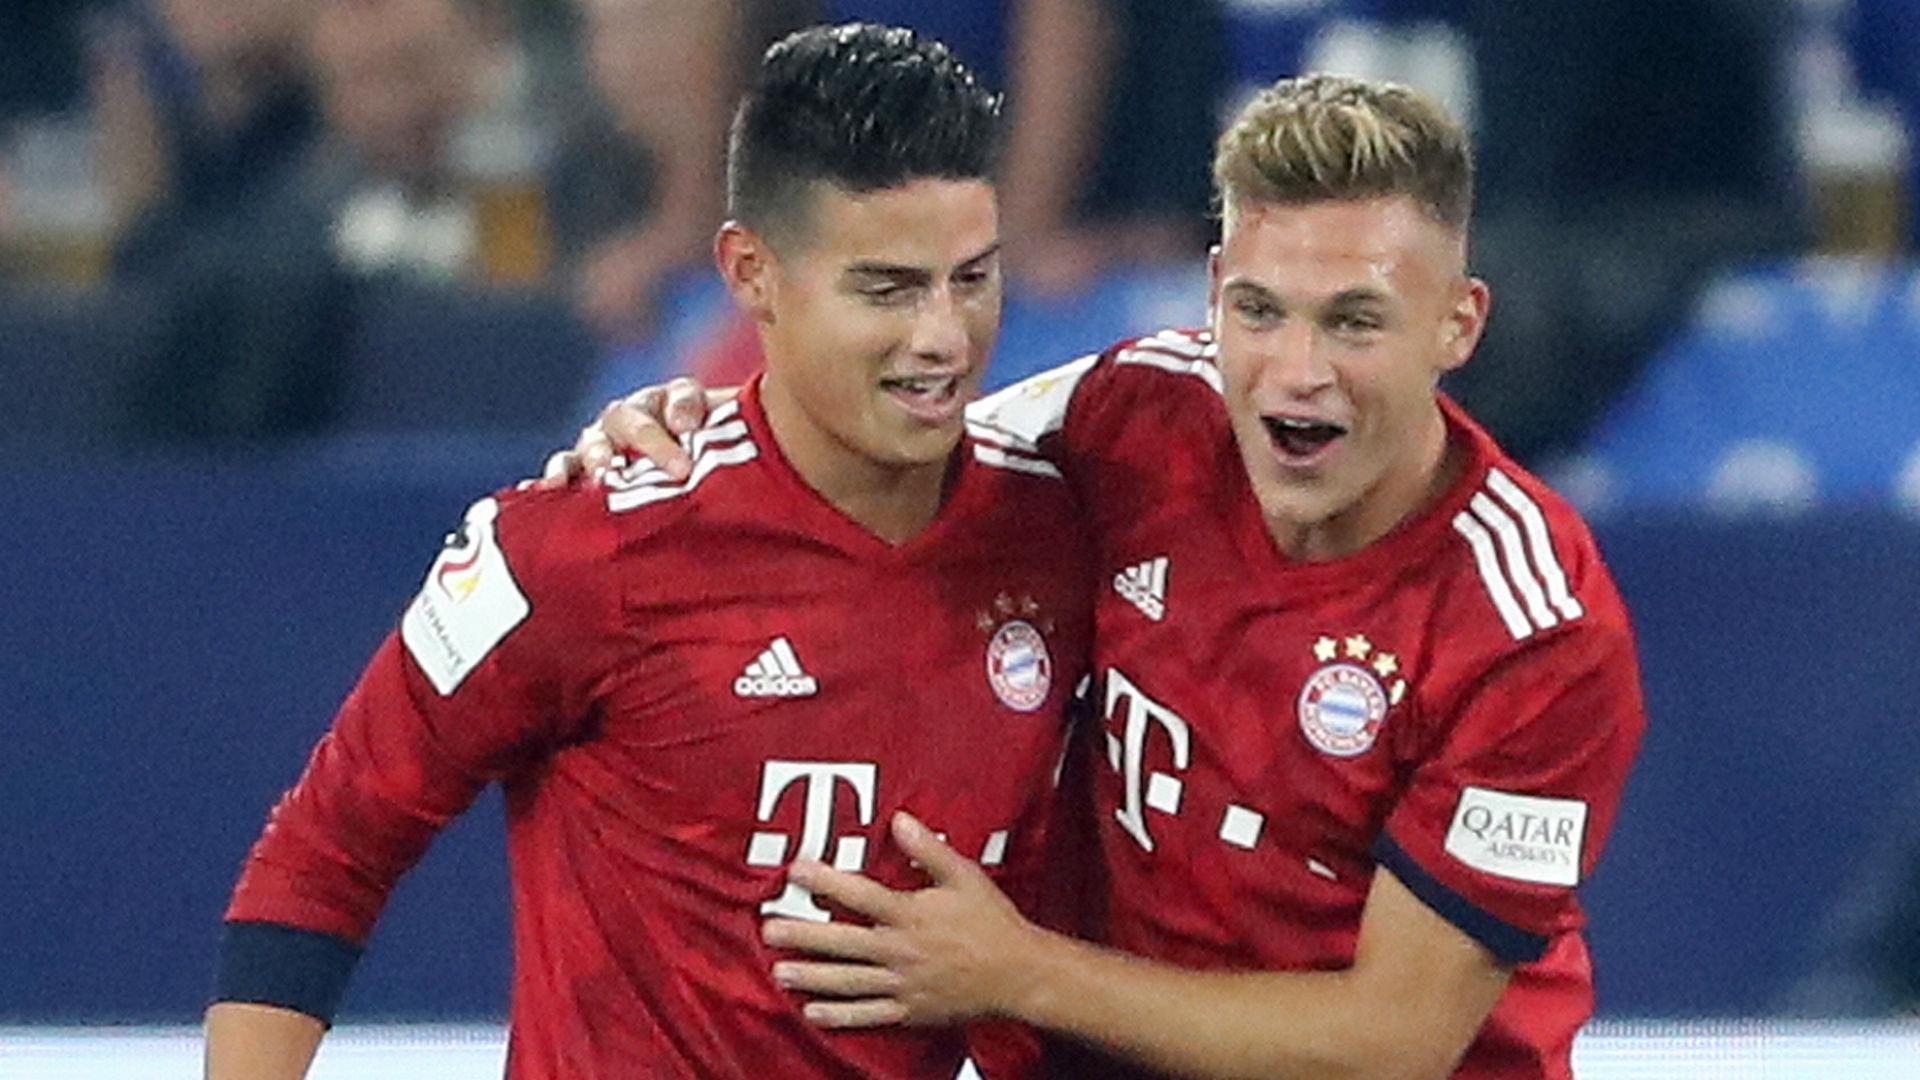 Kovac: Bayern 'dominated' Schalke in 2-0 win